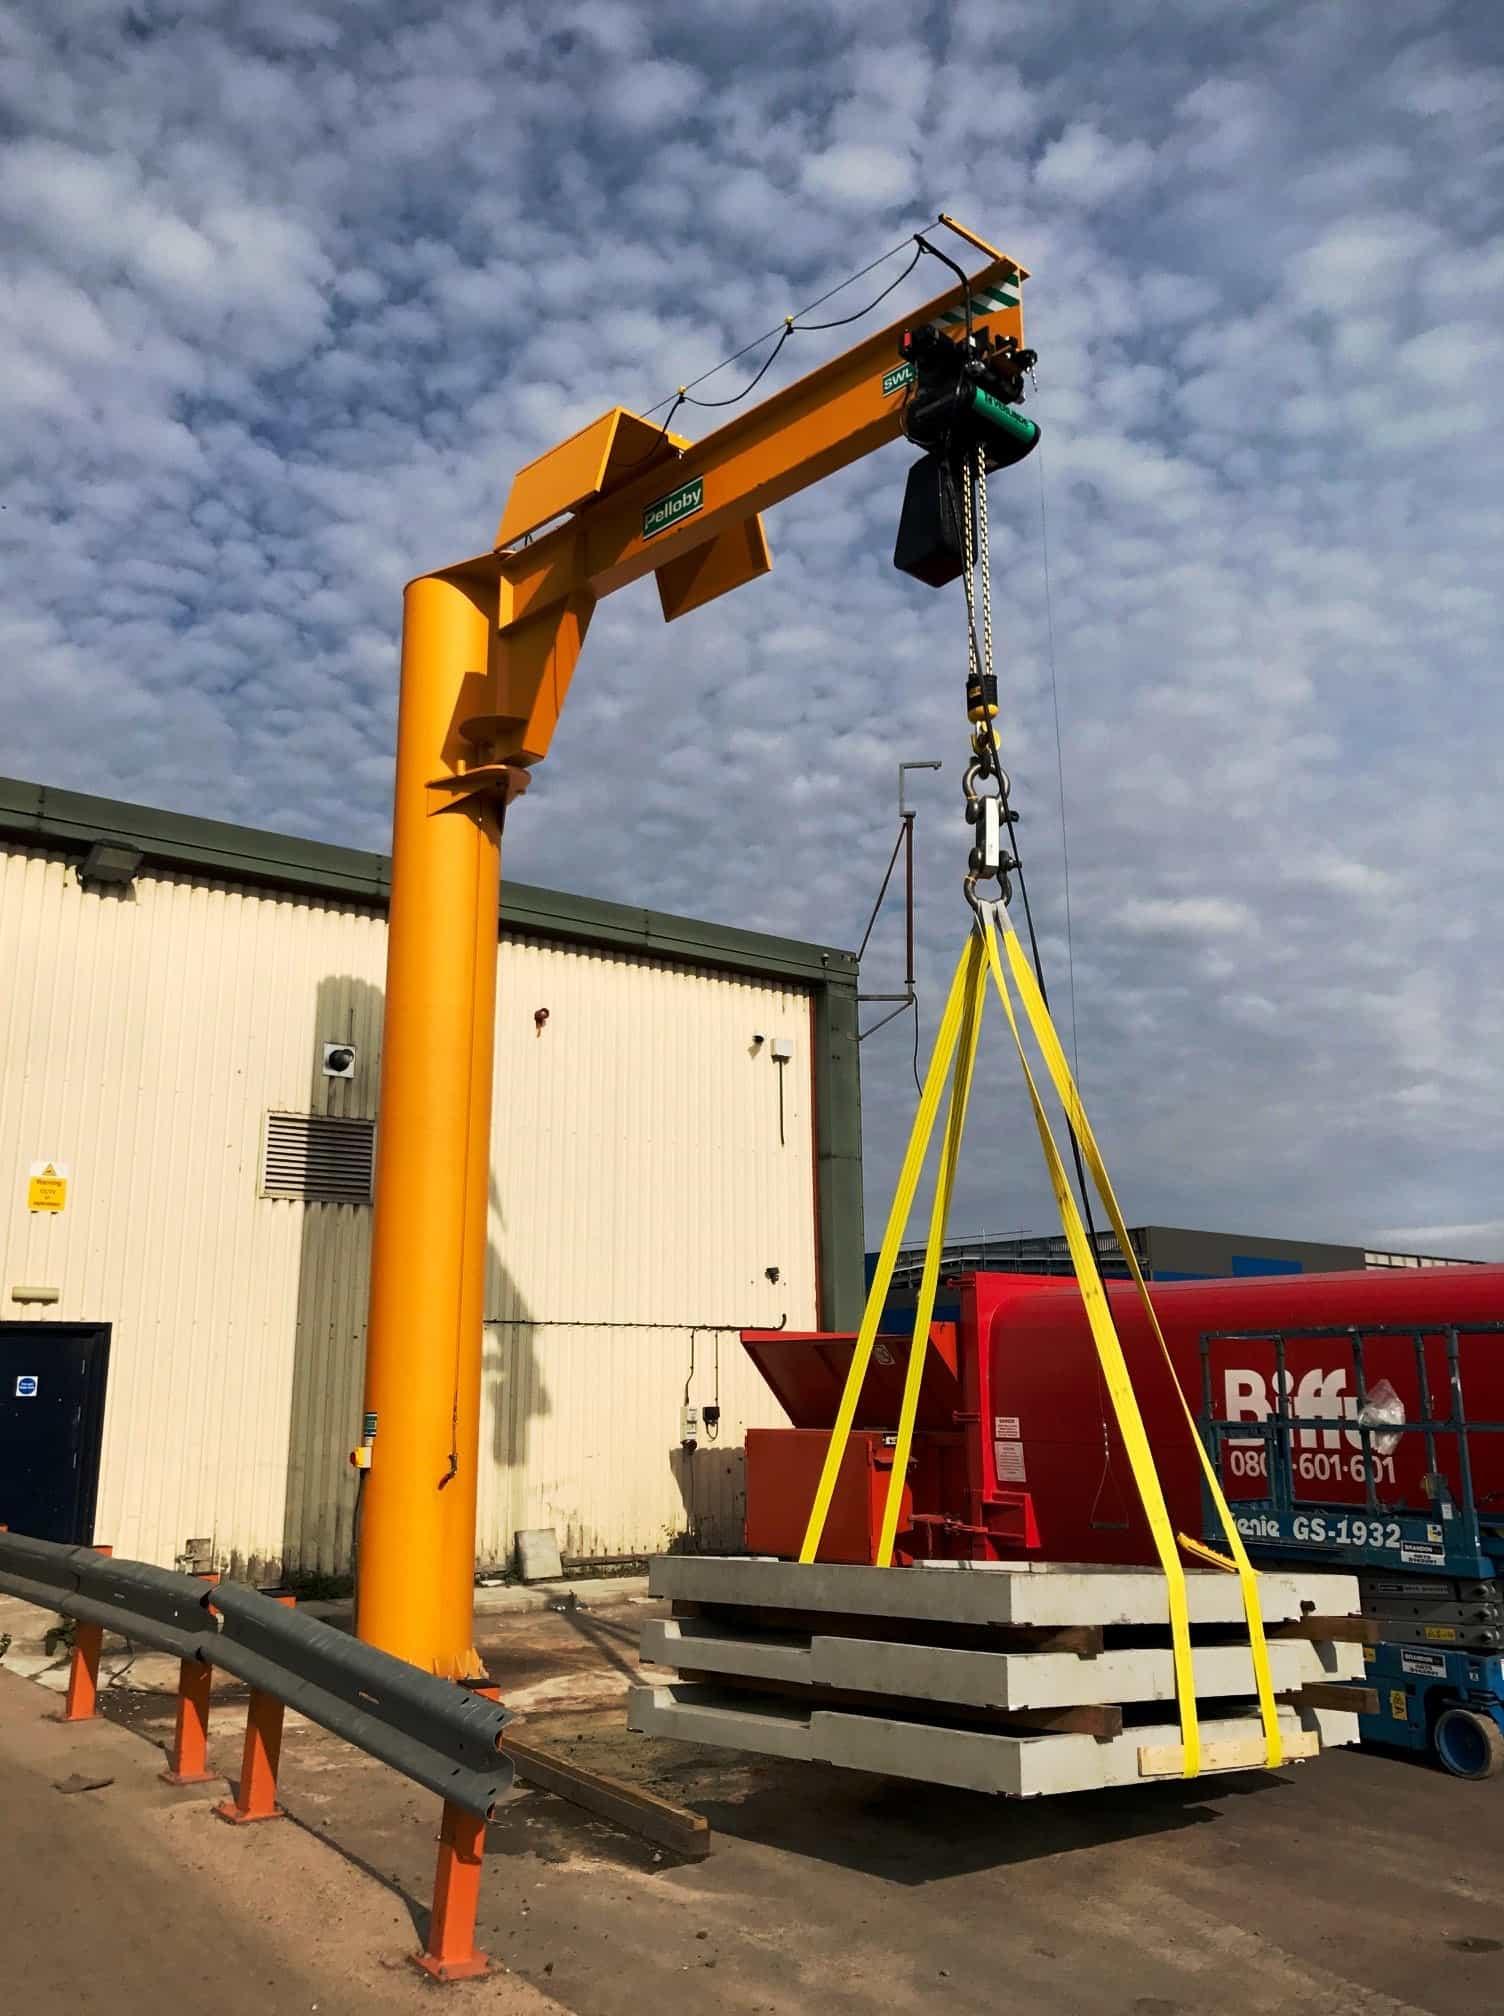 Five Tonne Jib Crane Load Test